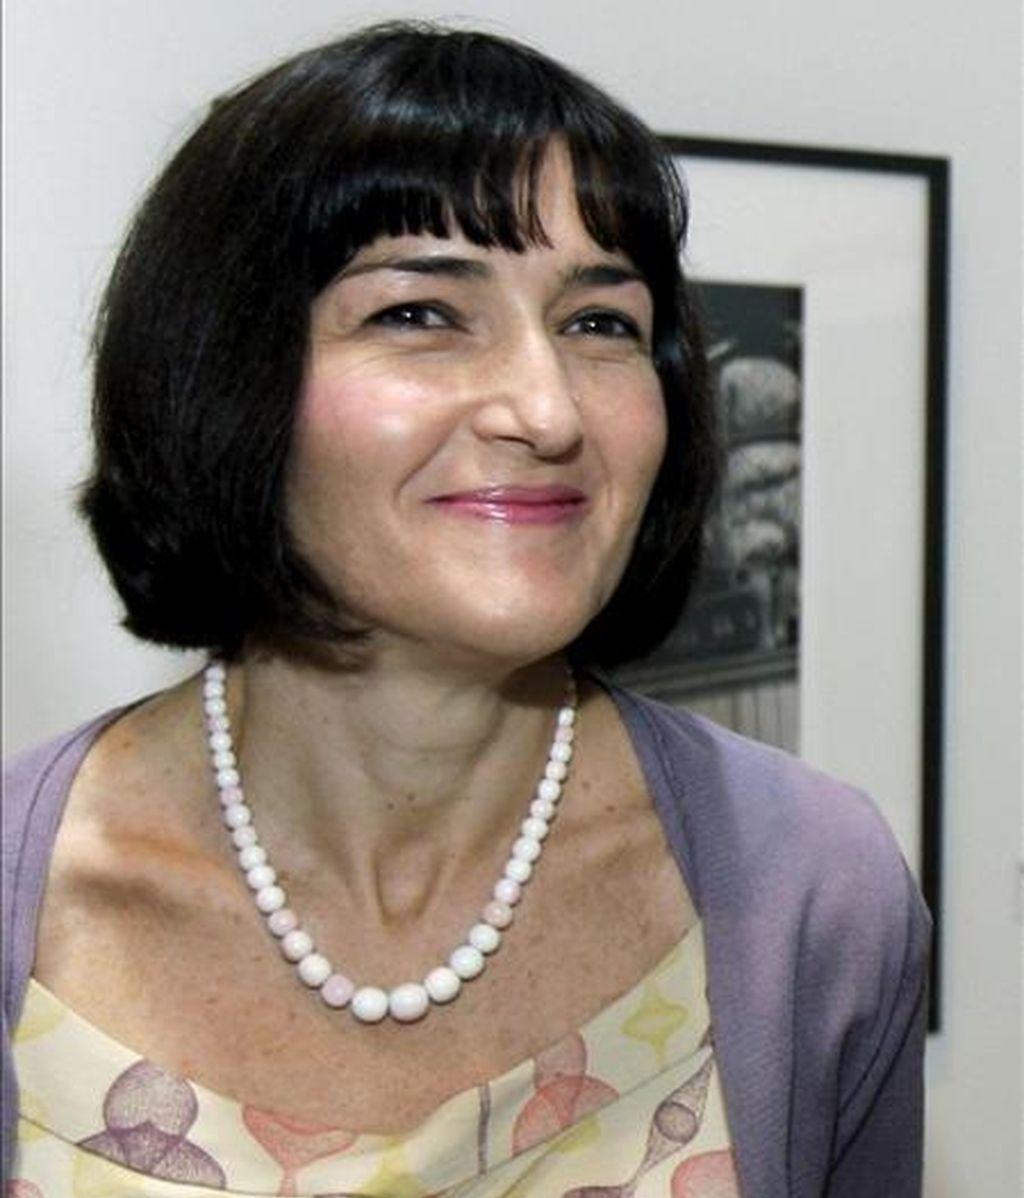 La ministra de Cultura, Ángeles González-Sinde, durante la inauguración ayer en Lisboa de una muestra que recoge los premios nacionales de fotografía de España de los últimos quince años, dentro de la primera edición de la Muestra de Cultura Española en Portugal. EFE